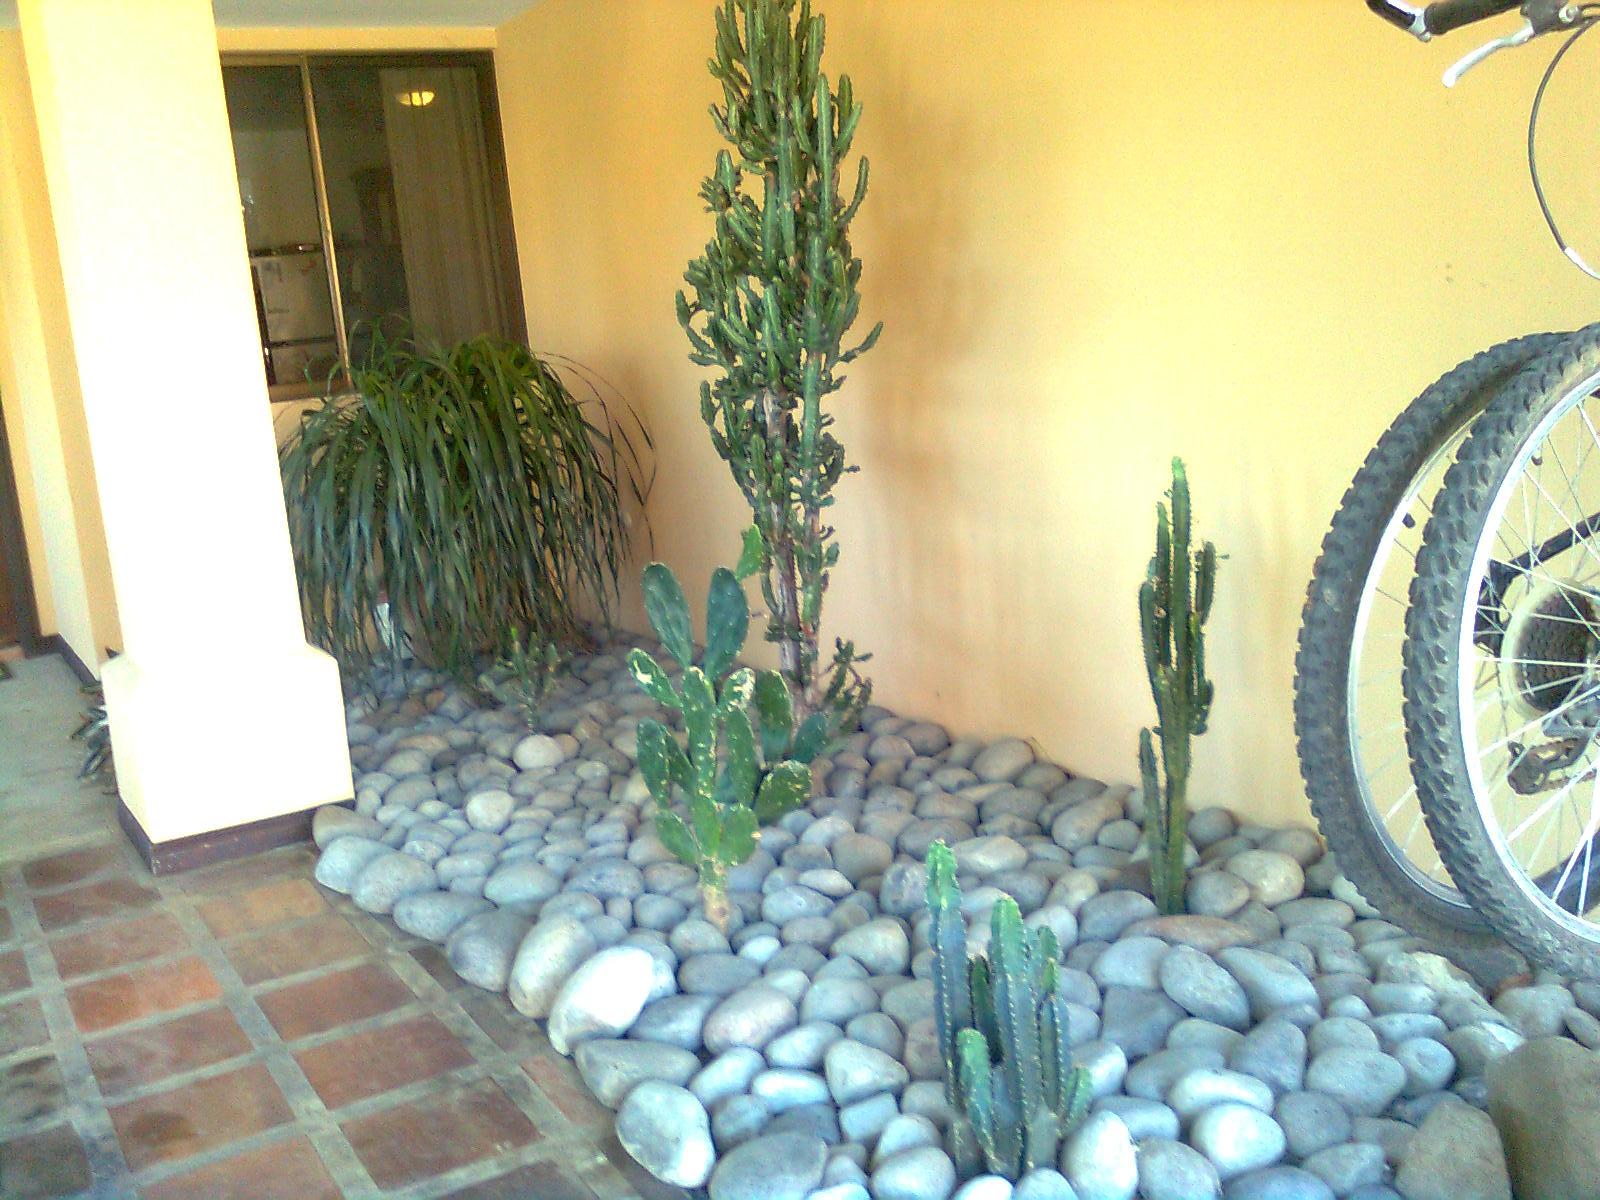 Mantenimiento y dise o de jardines decoraci n entrada - Jardines con poco mantenimiento ...